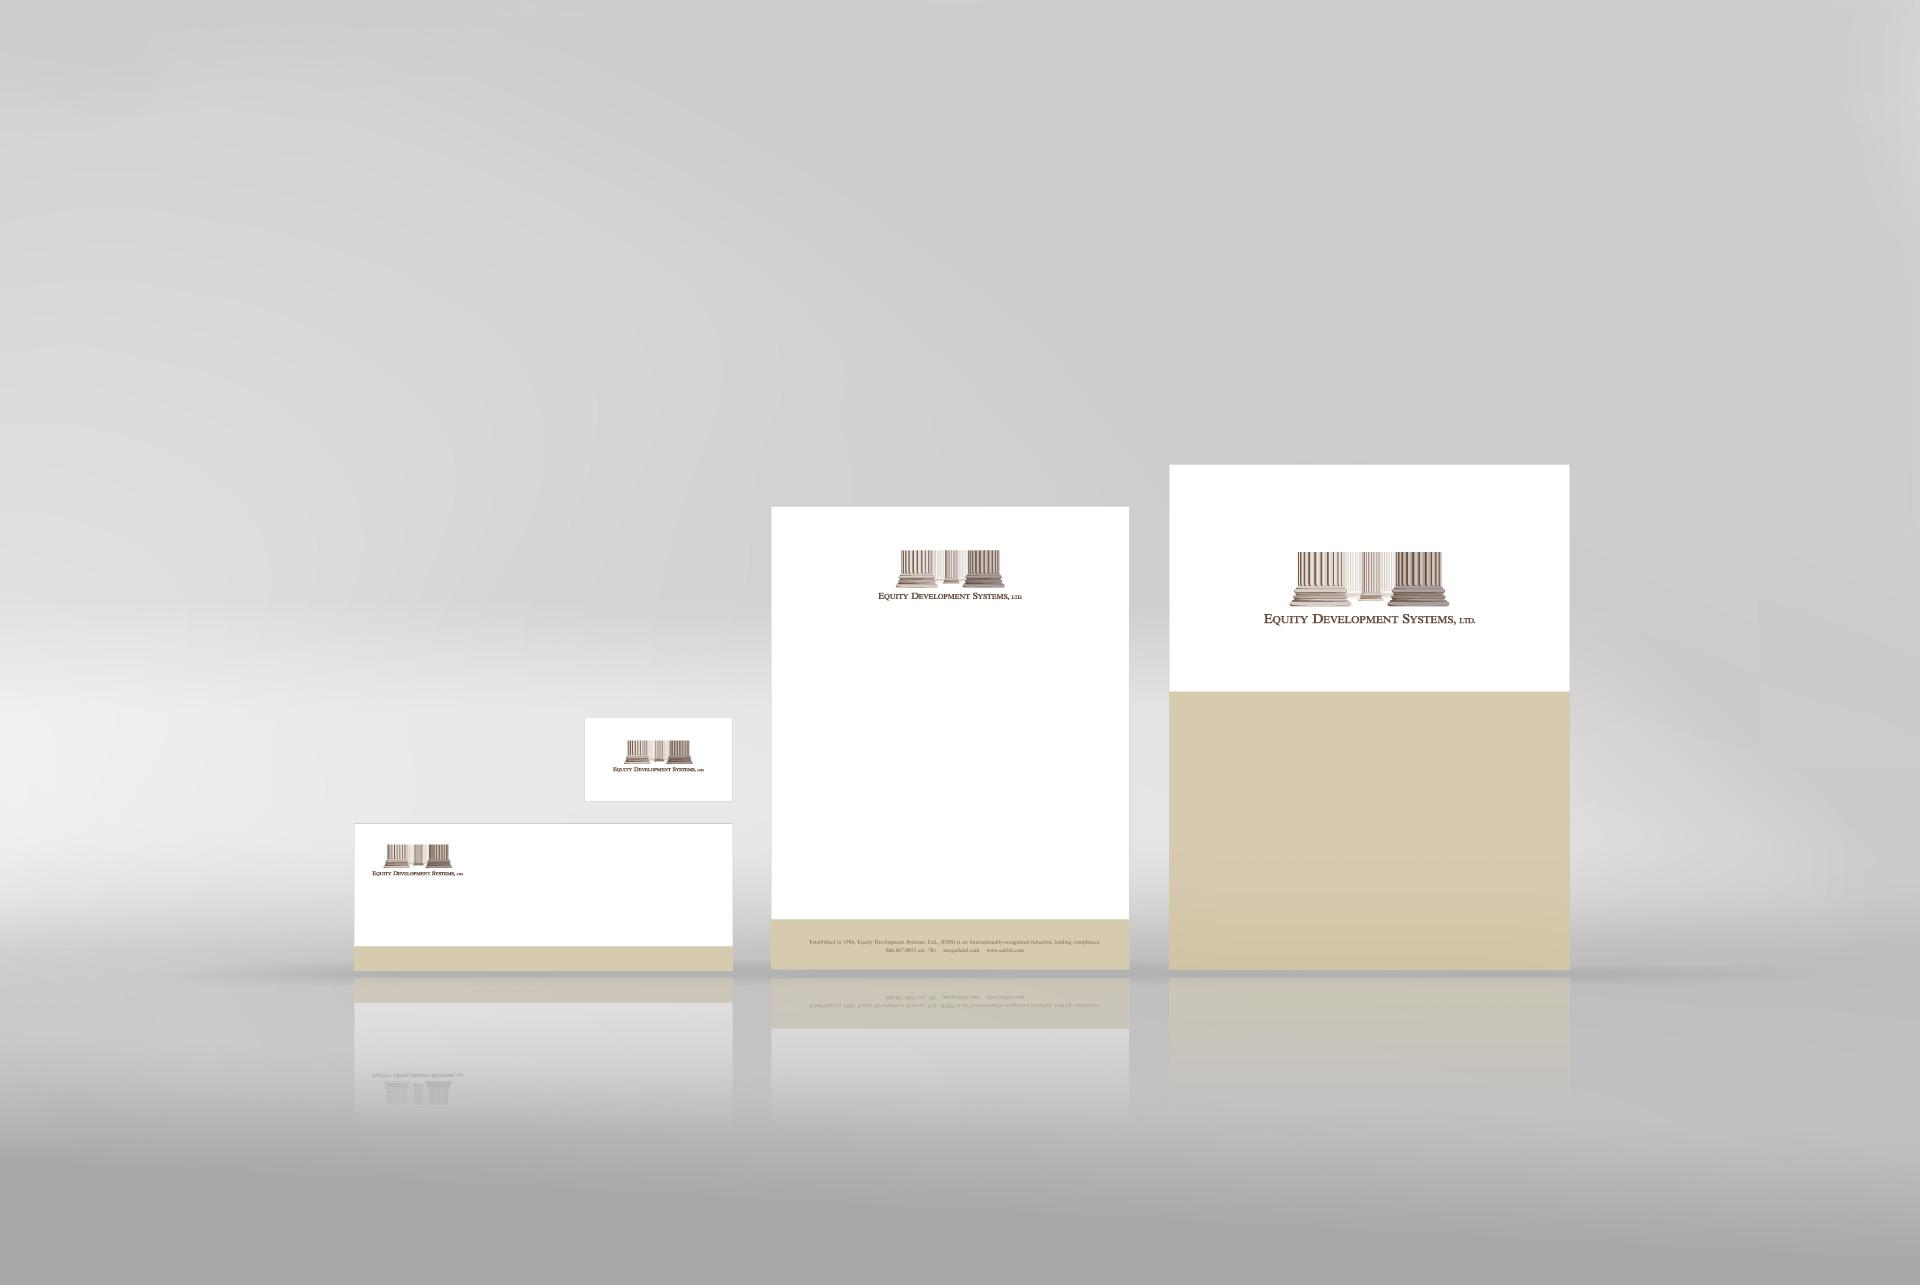 Corporate identity designer